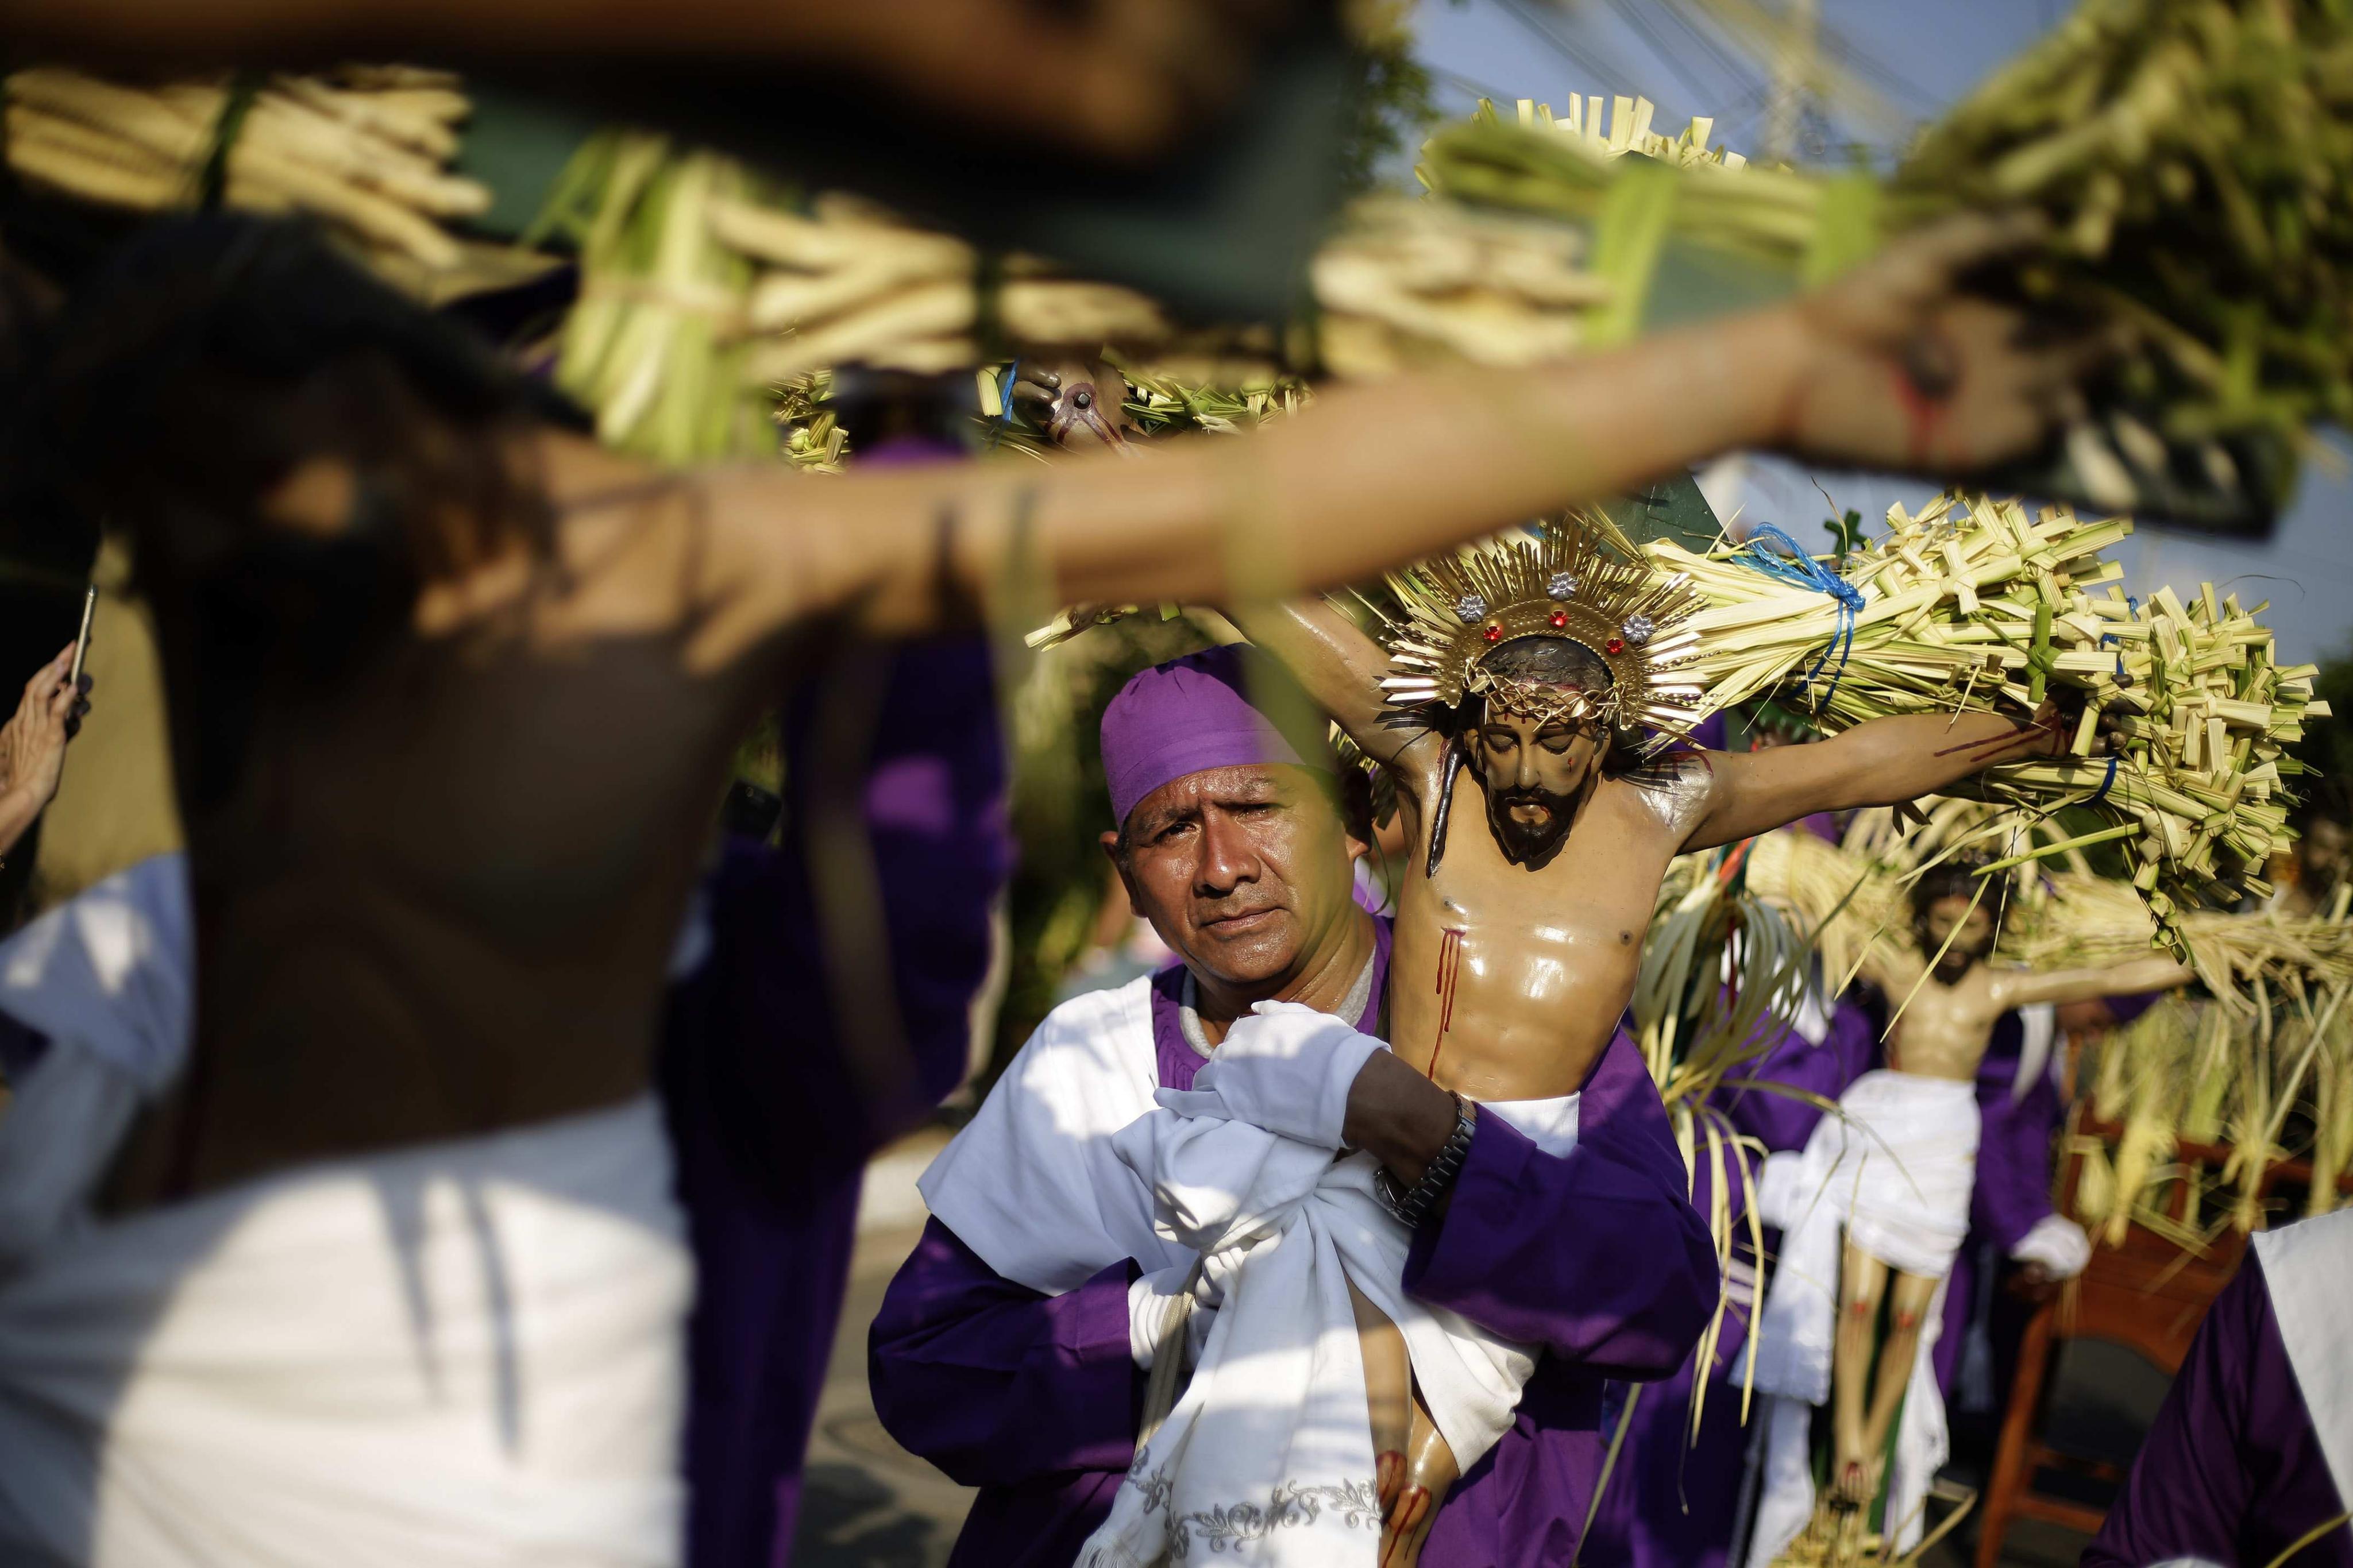 Fieles participan en la procesión de los Cristos de Izalco, al oeste de El Salvador. Varios cientos de...